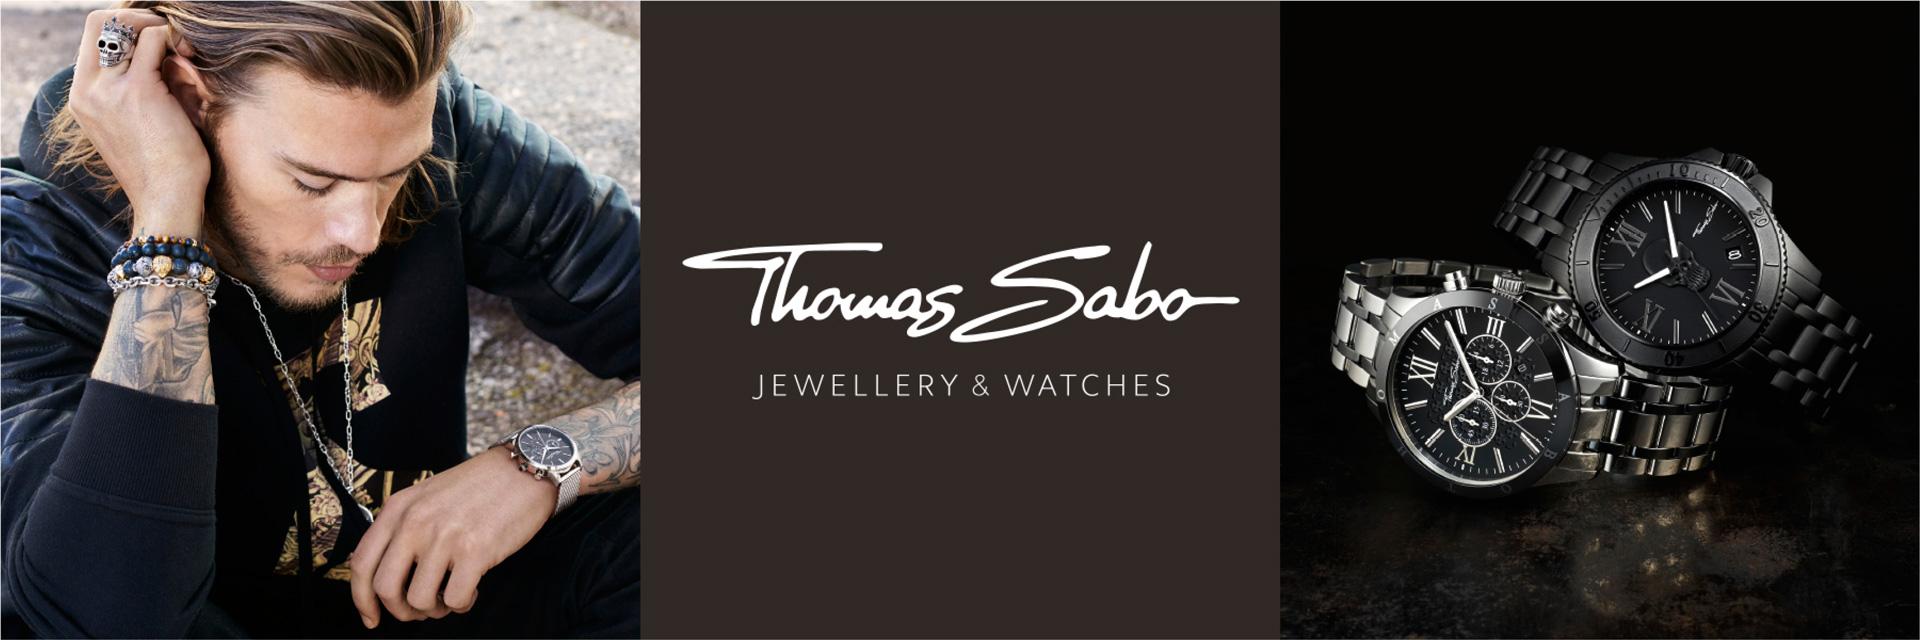 Armbanduhren von Thomas Sabo